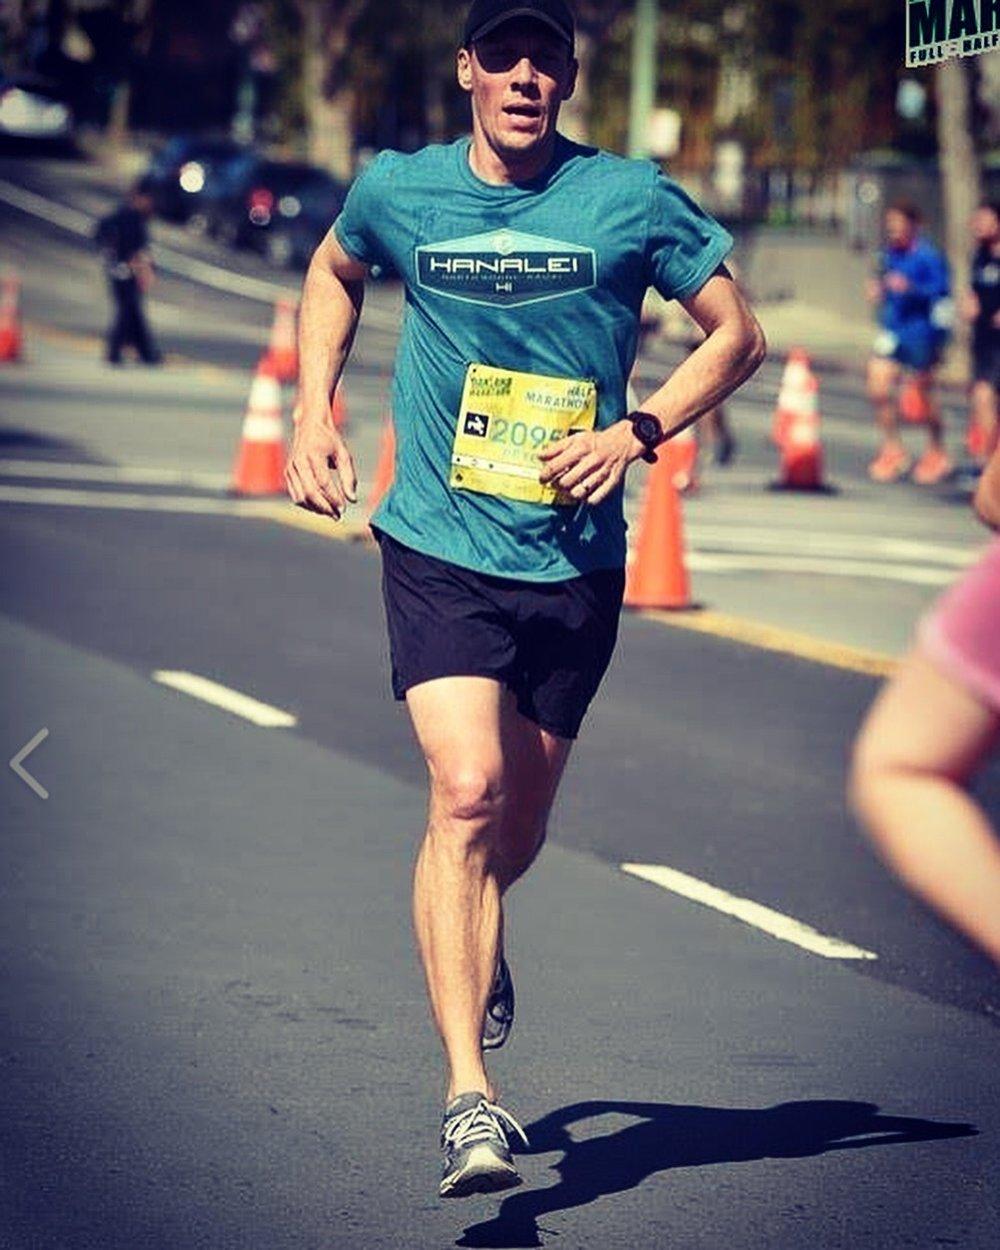 Peter running the Oakland Half Marathon is speedy fashion.